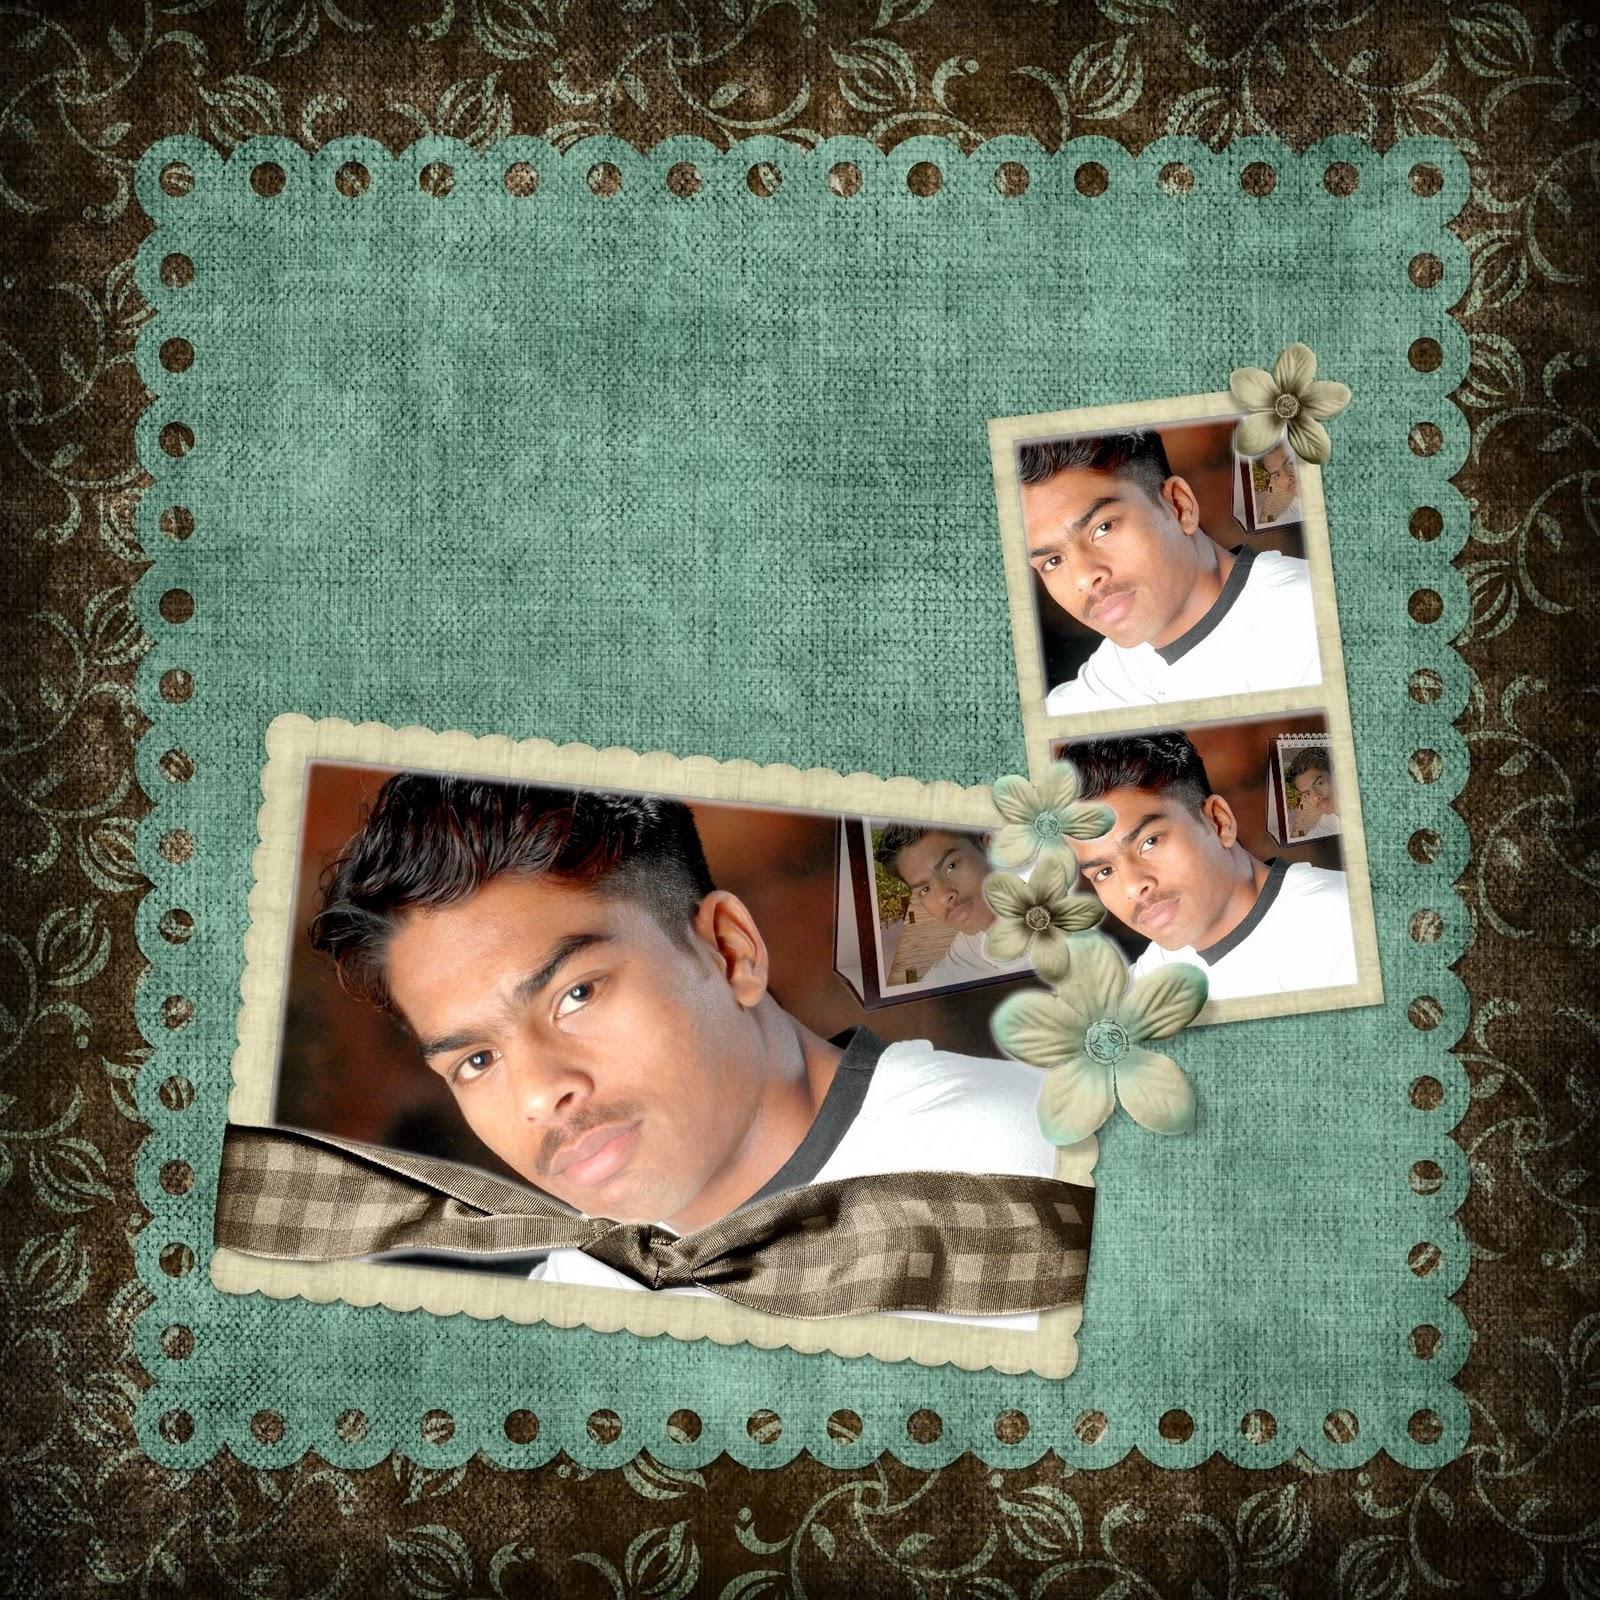 http://4.bp.blogspot.com/-Nbc8P4k-S-s/TZf71Q3PCiI/AAAAAAAAAO4/unq2gaka2Mw/s1600/boota1111fgdfg.jpg